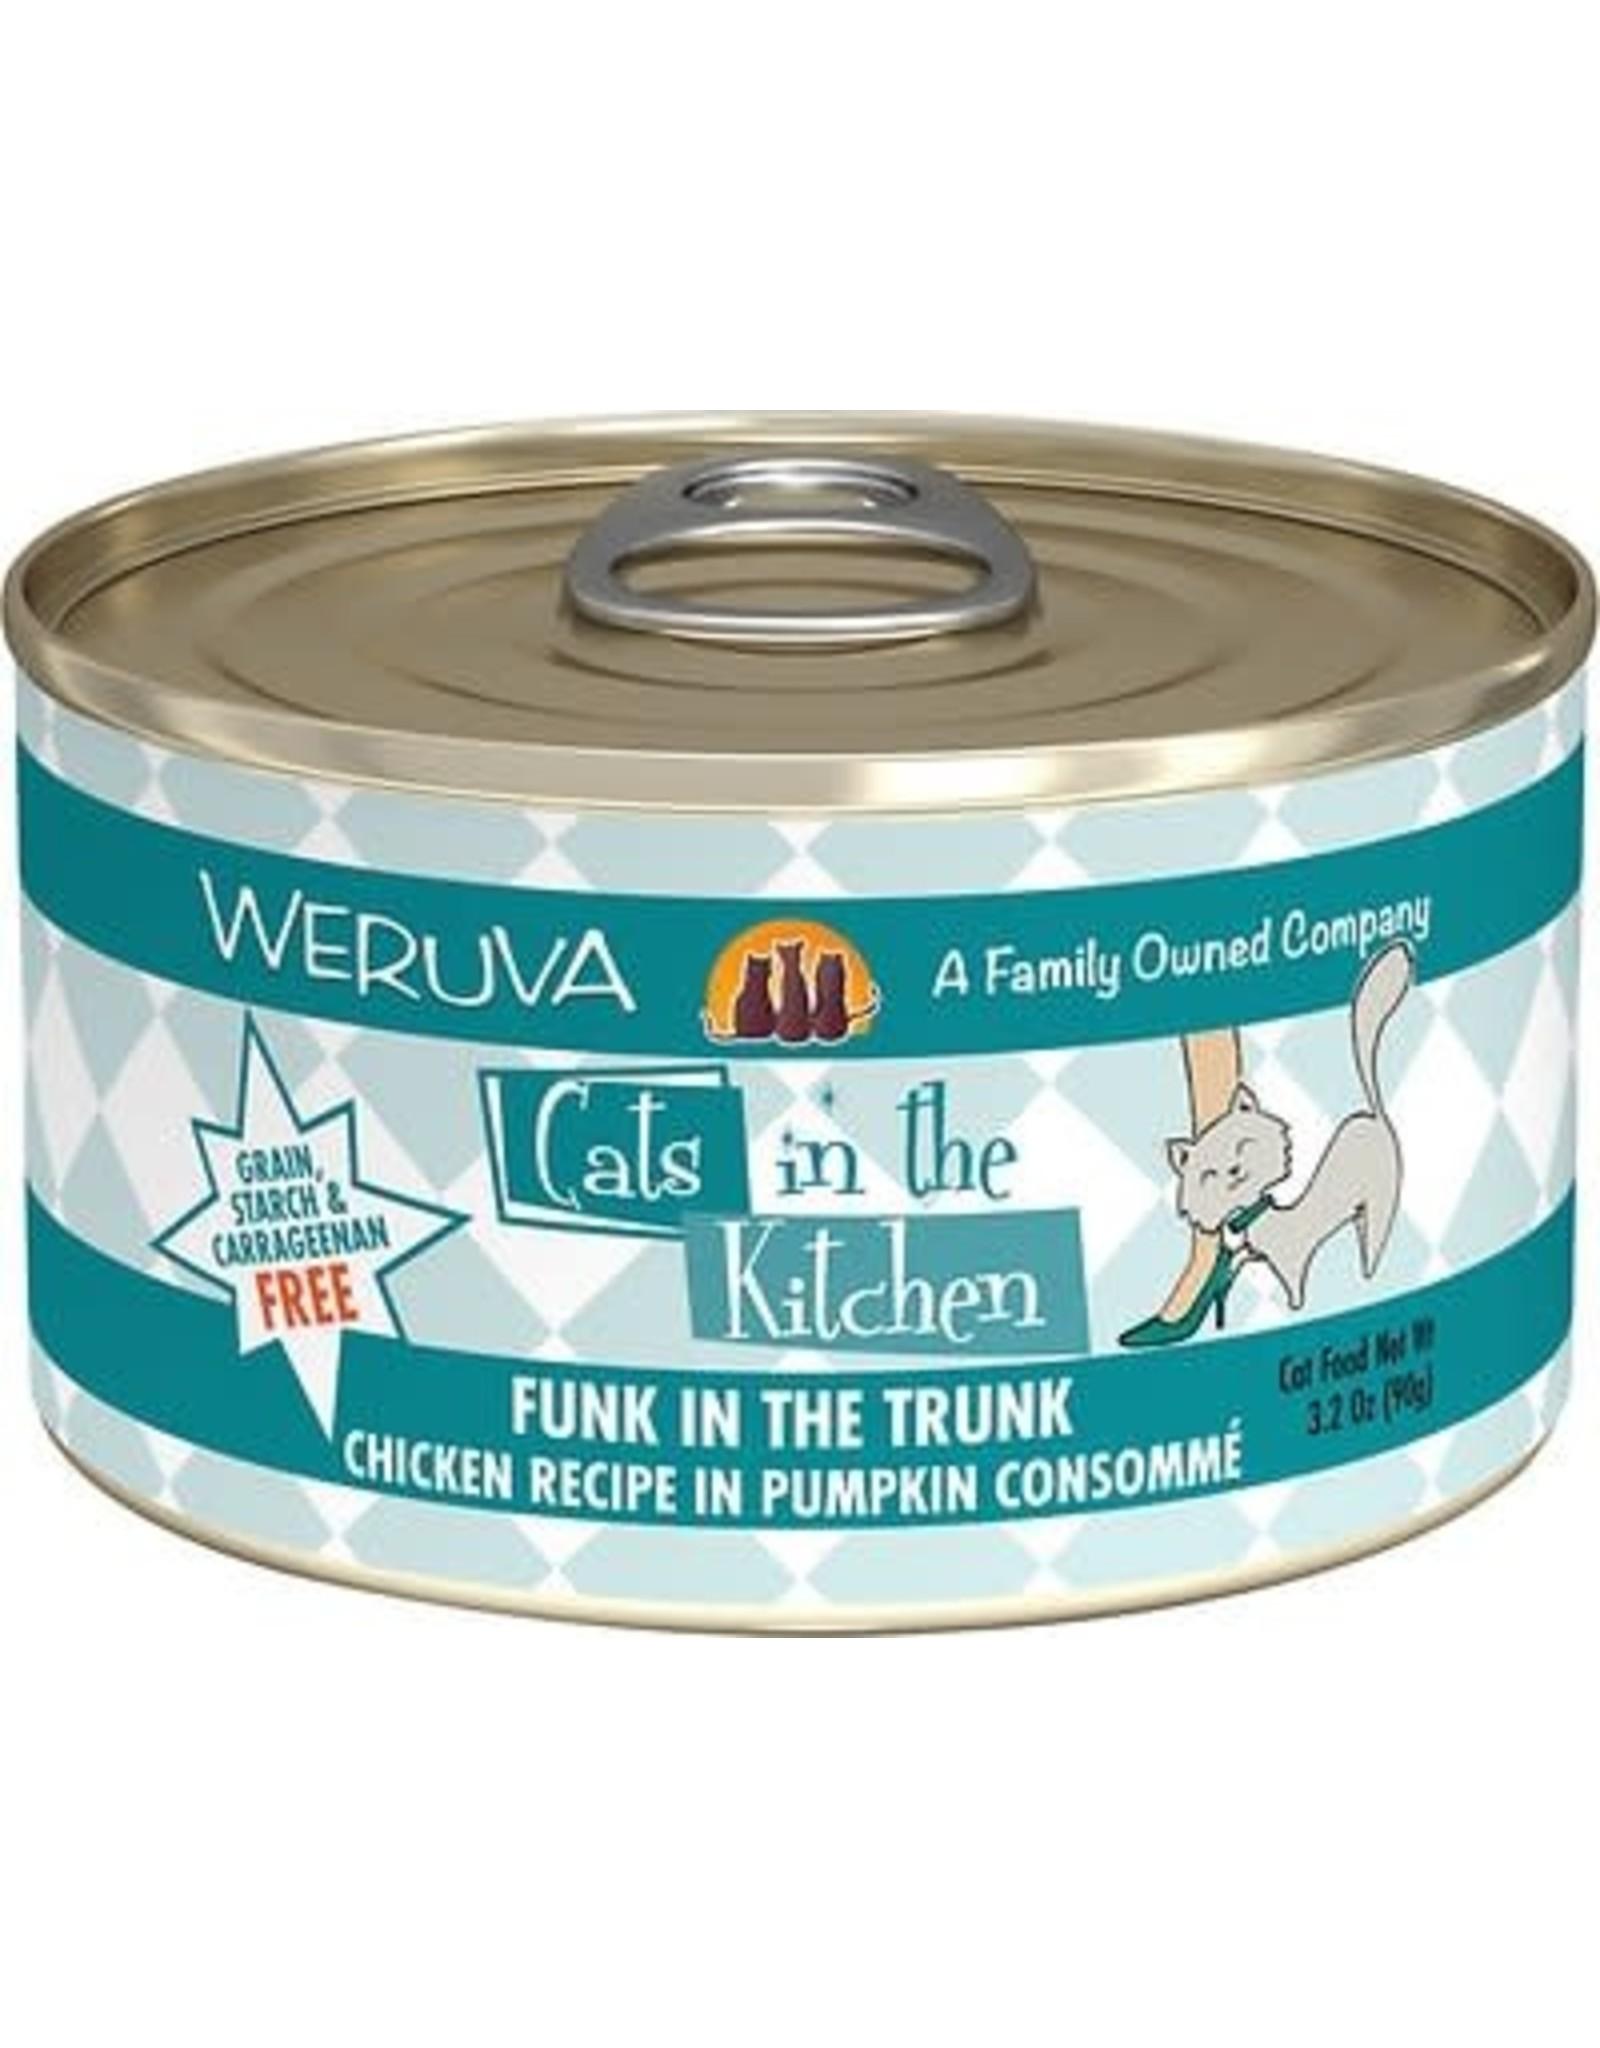 Weruva CITK Funk in Trunk 3.2oz